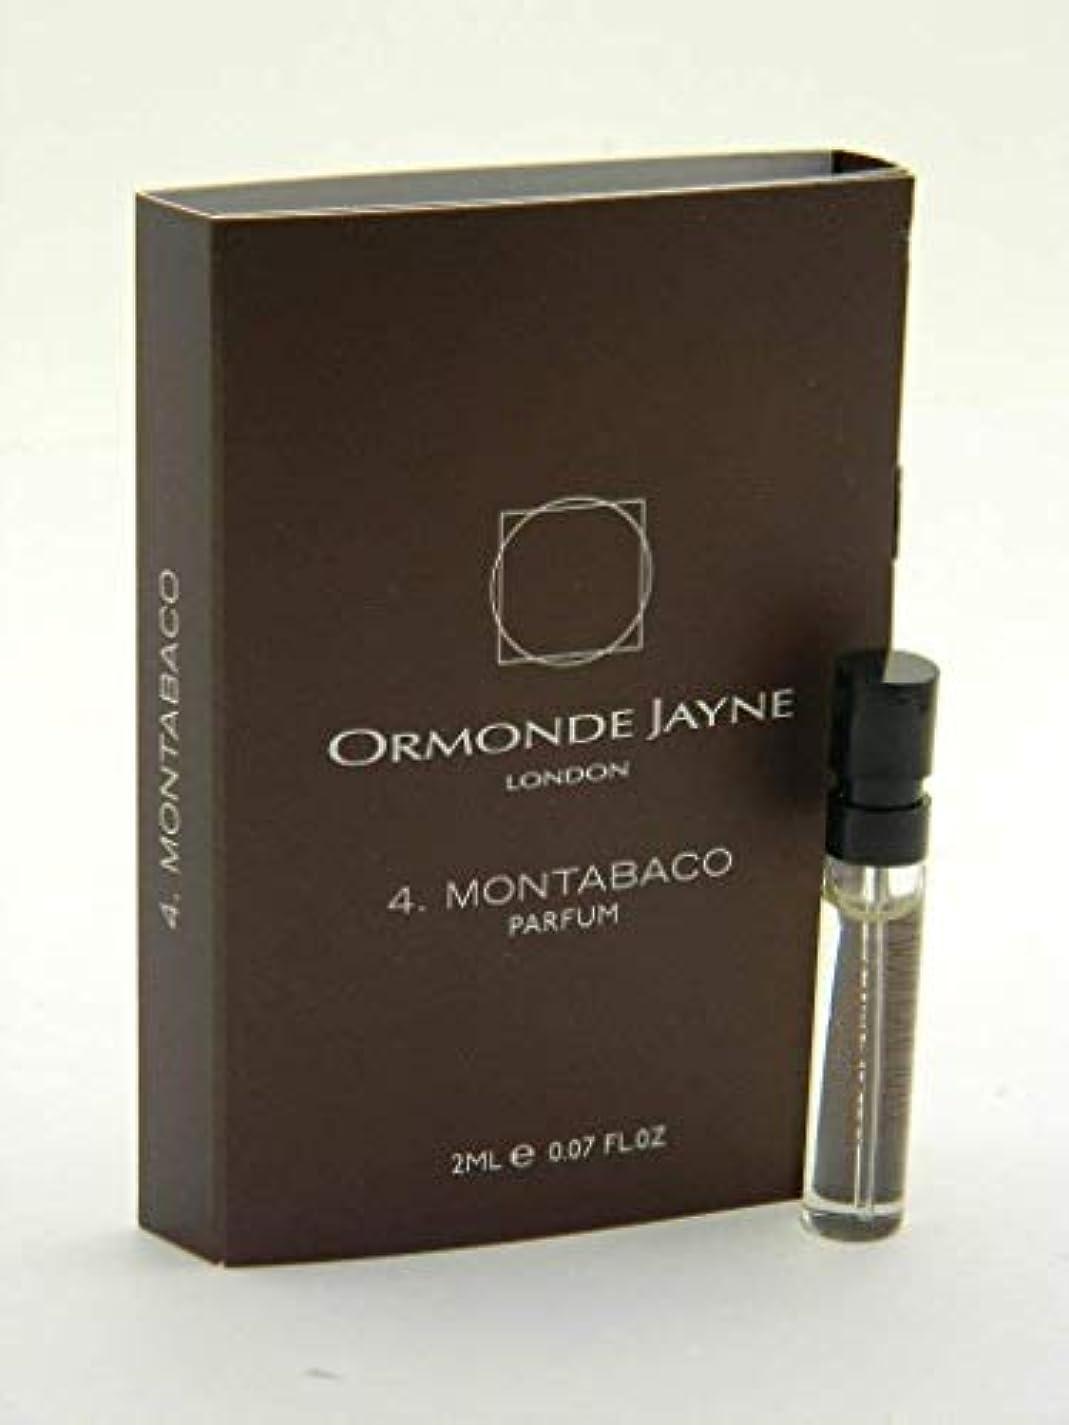 少なくとも抵抗力がある代替案オーモンド ジェーン モンタバコ パルファン 2ml(Ormonde Jayne Montabaco Parfum Vial Sample 2ml)